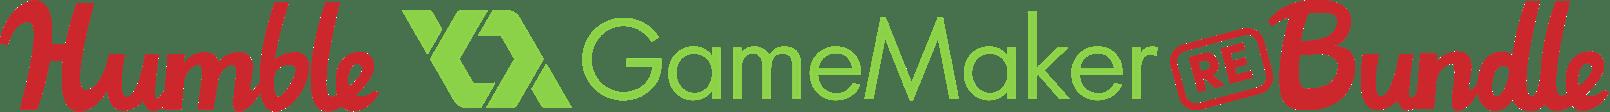 Humble GameMaker Rebundle